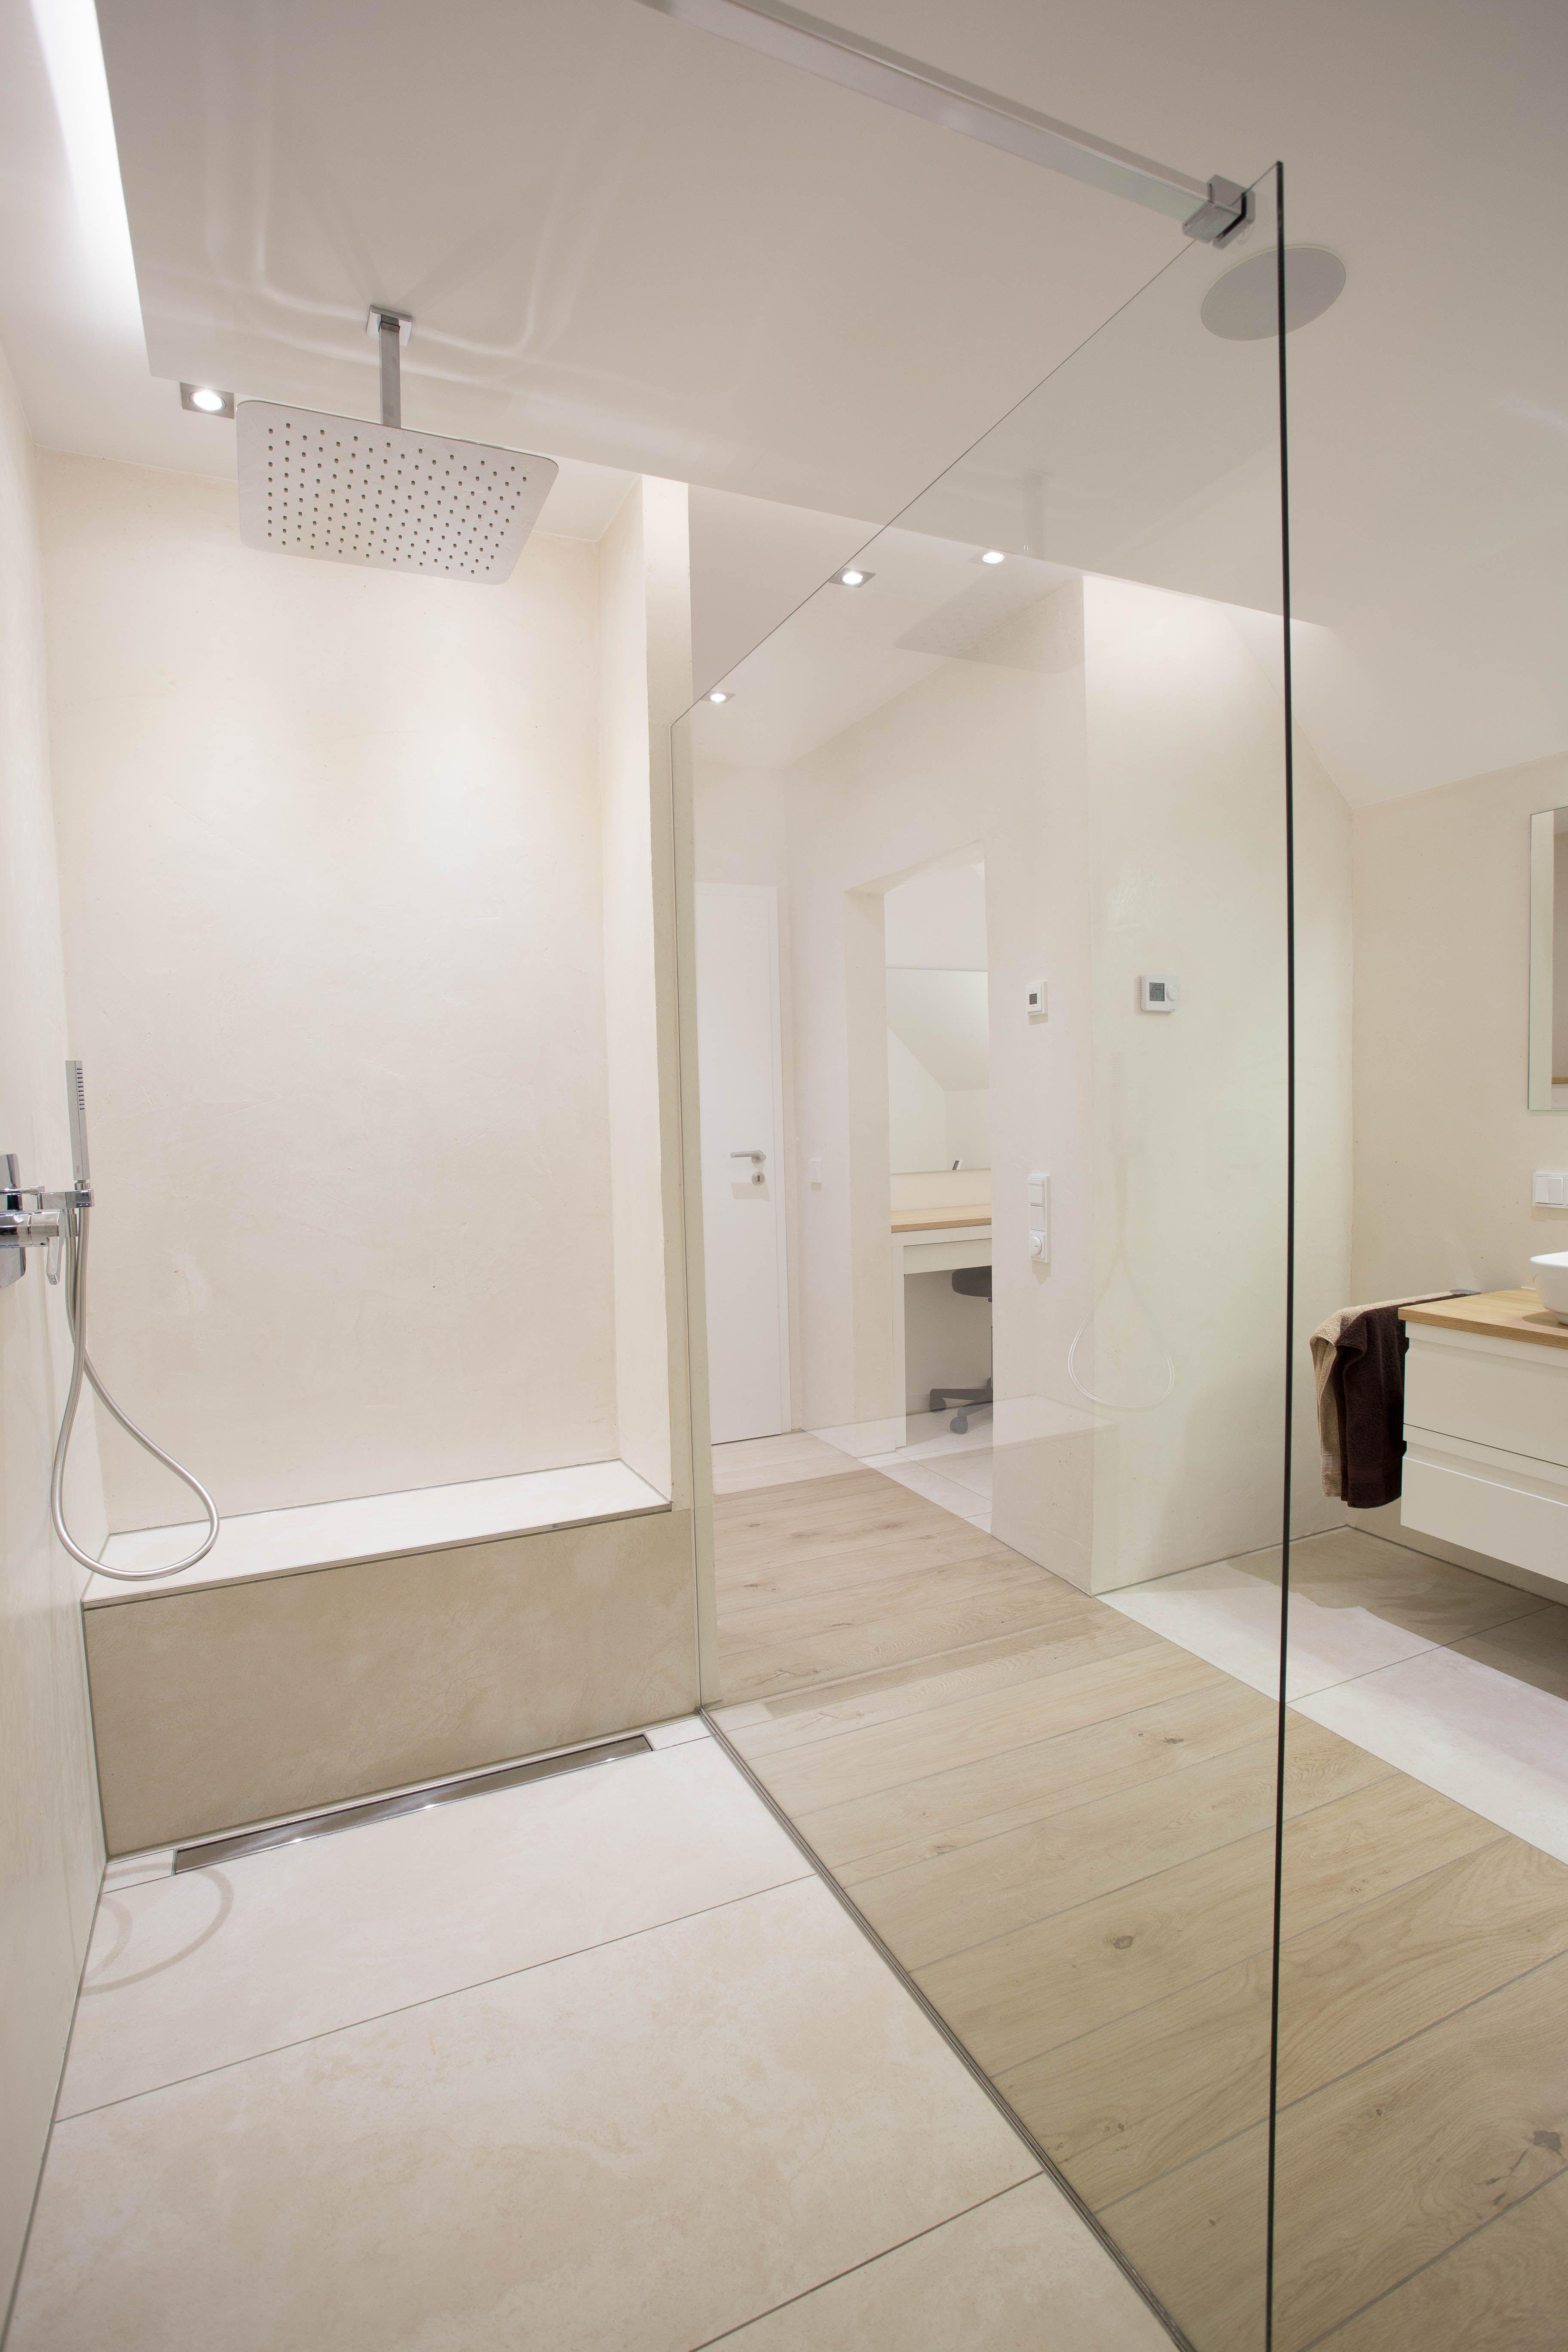 Mineralischer Edelputz In Fugenloser Dusche Dusche Renovieren